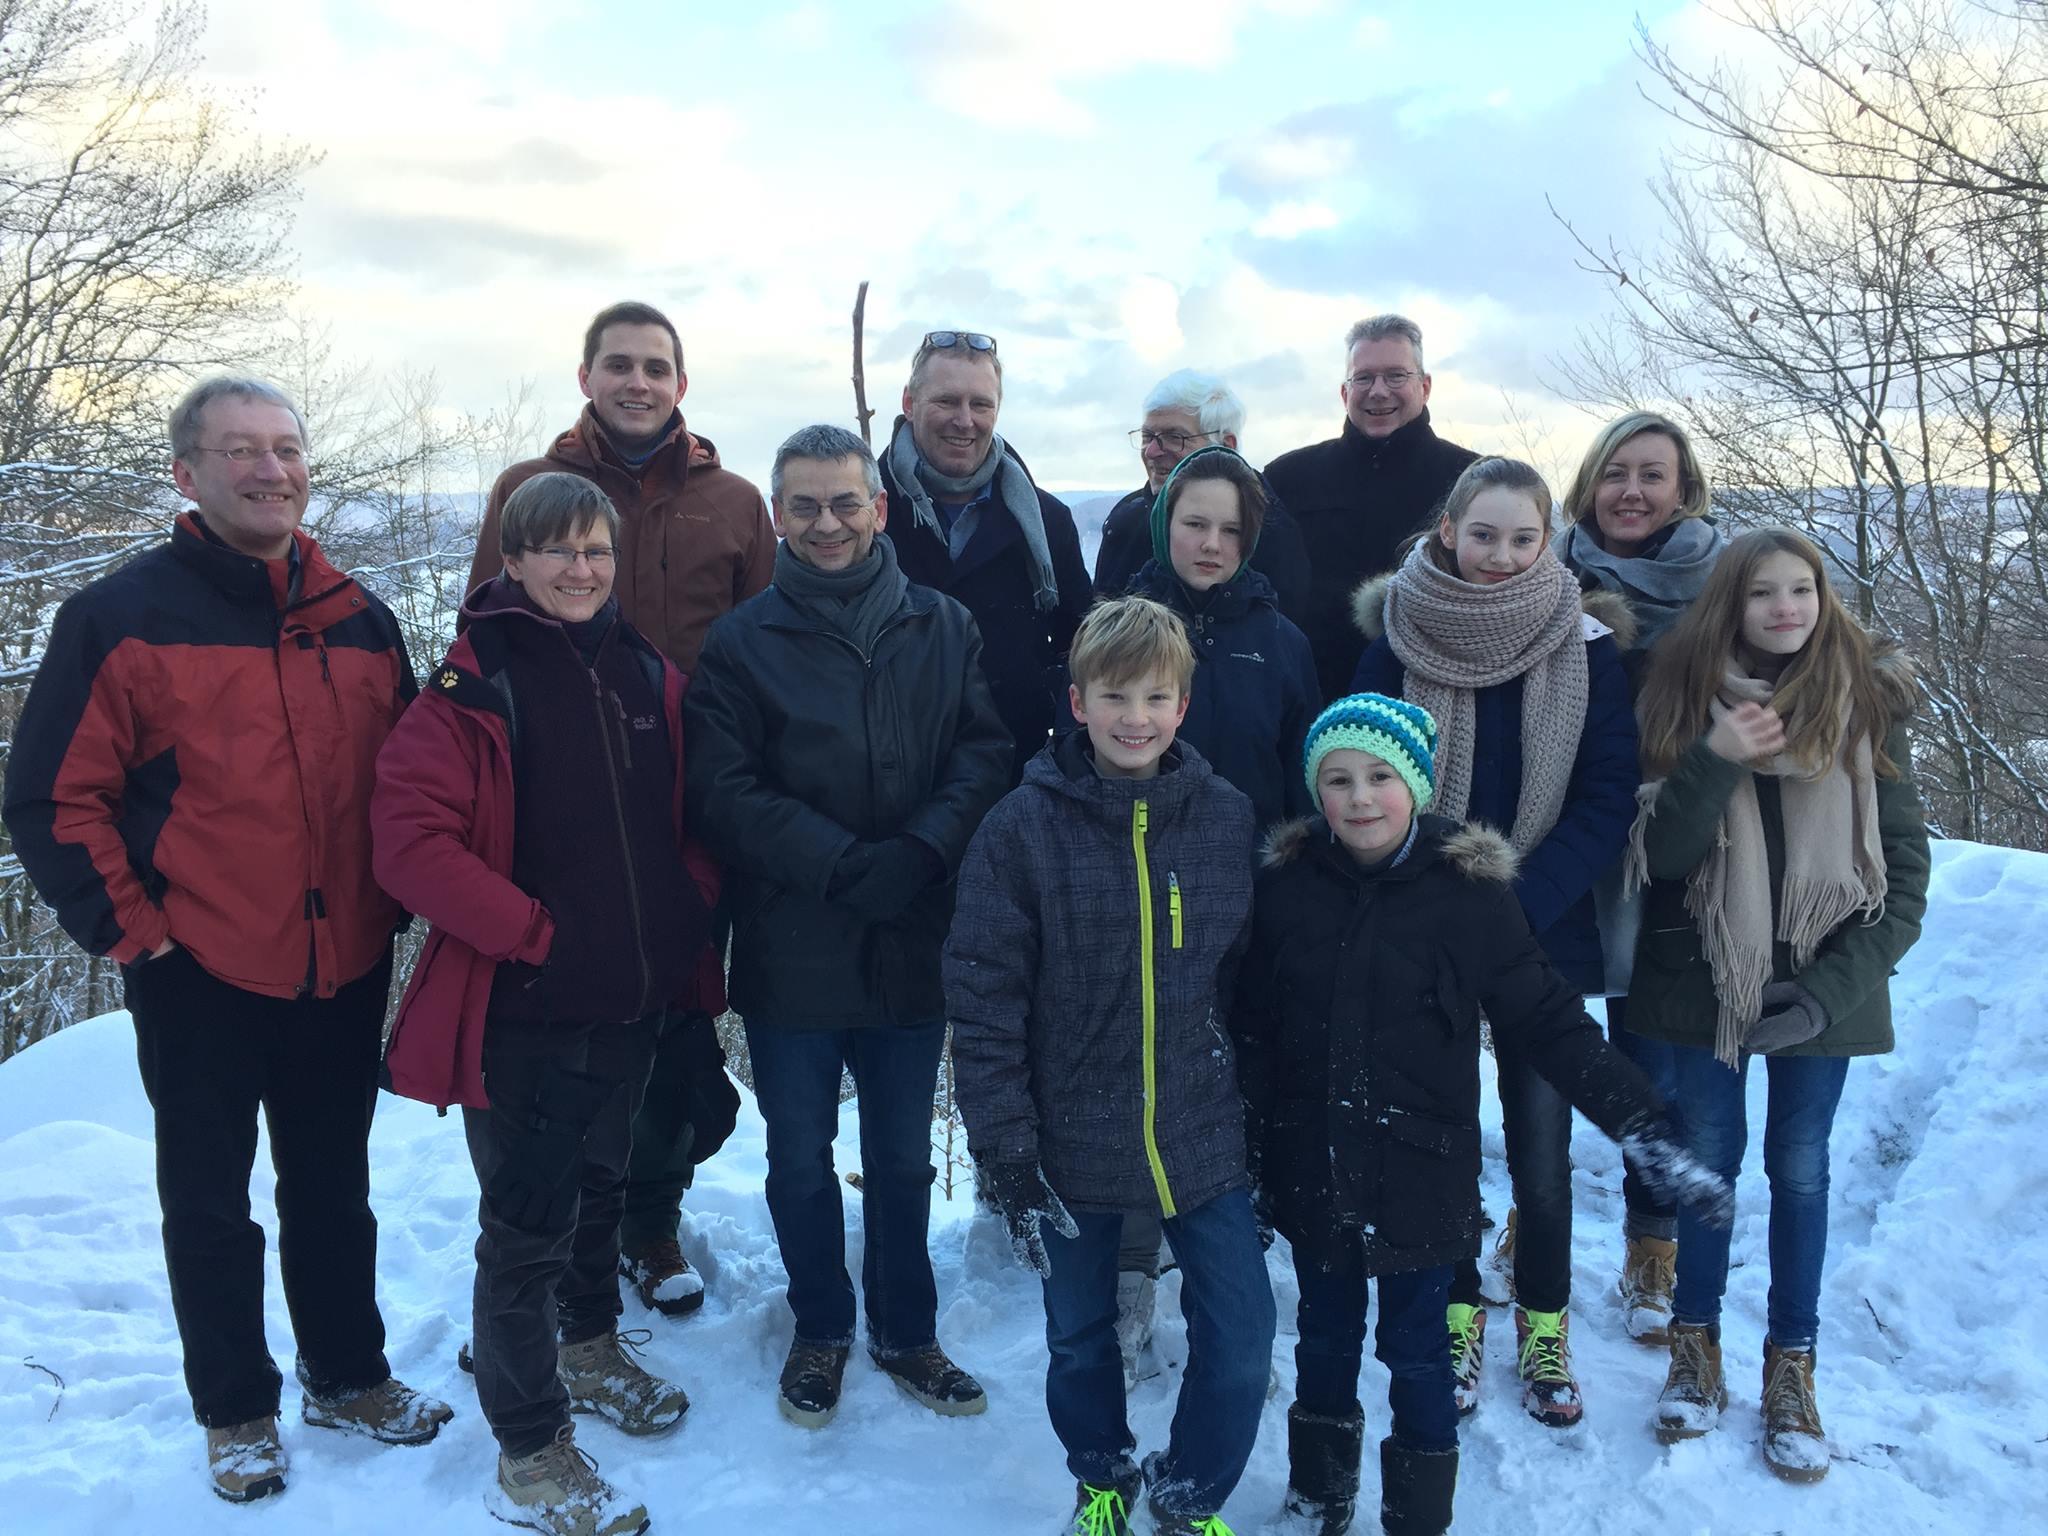 Winterwanderung in Lindenfels